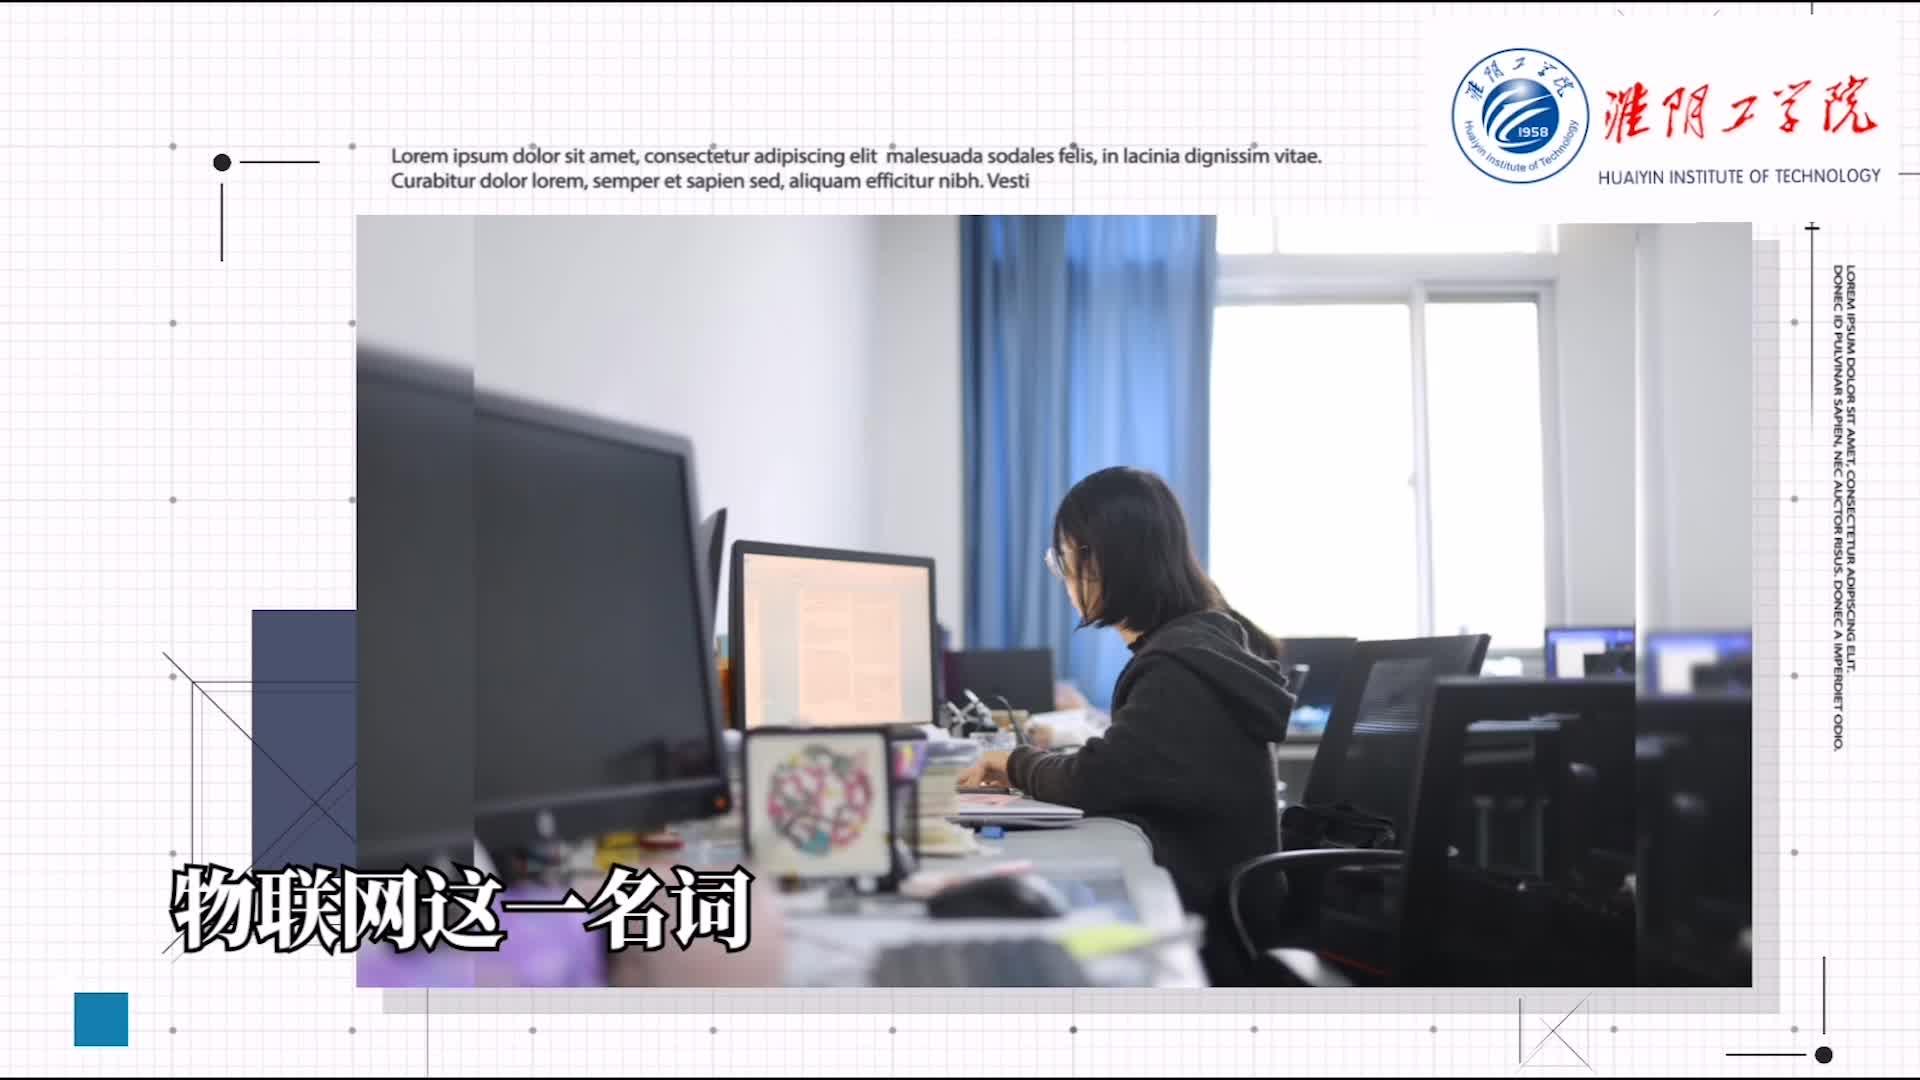 46 淮阴工学院 物联网工程专业 密骏涛